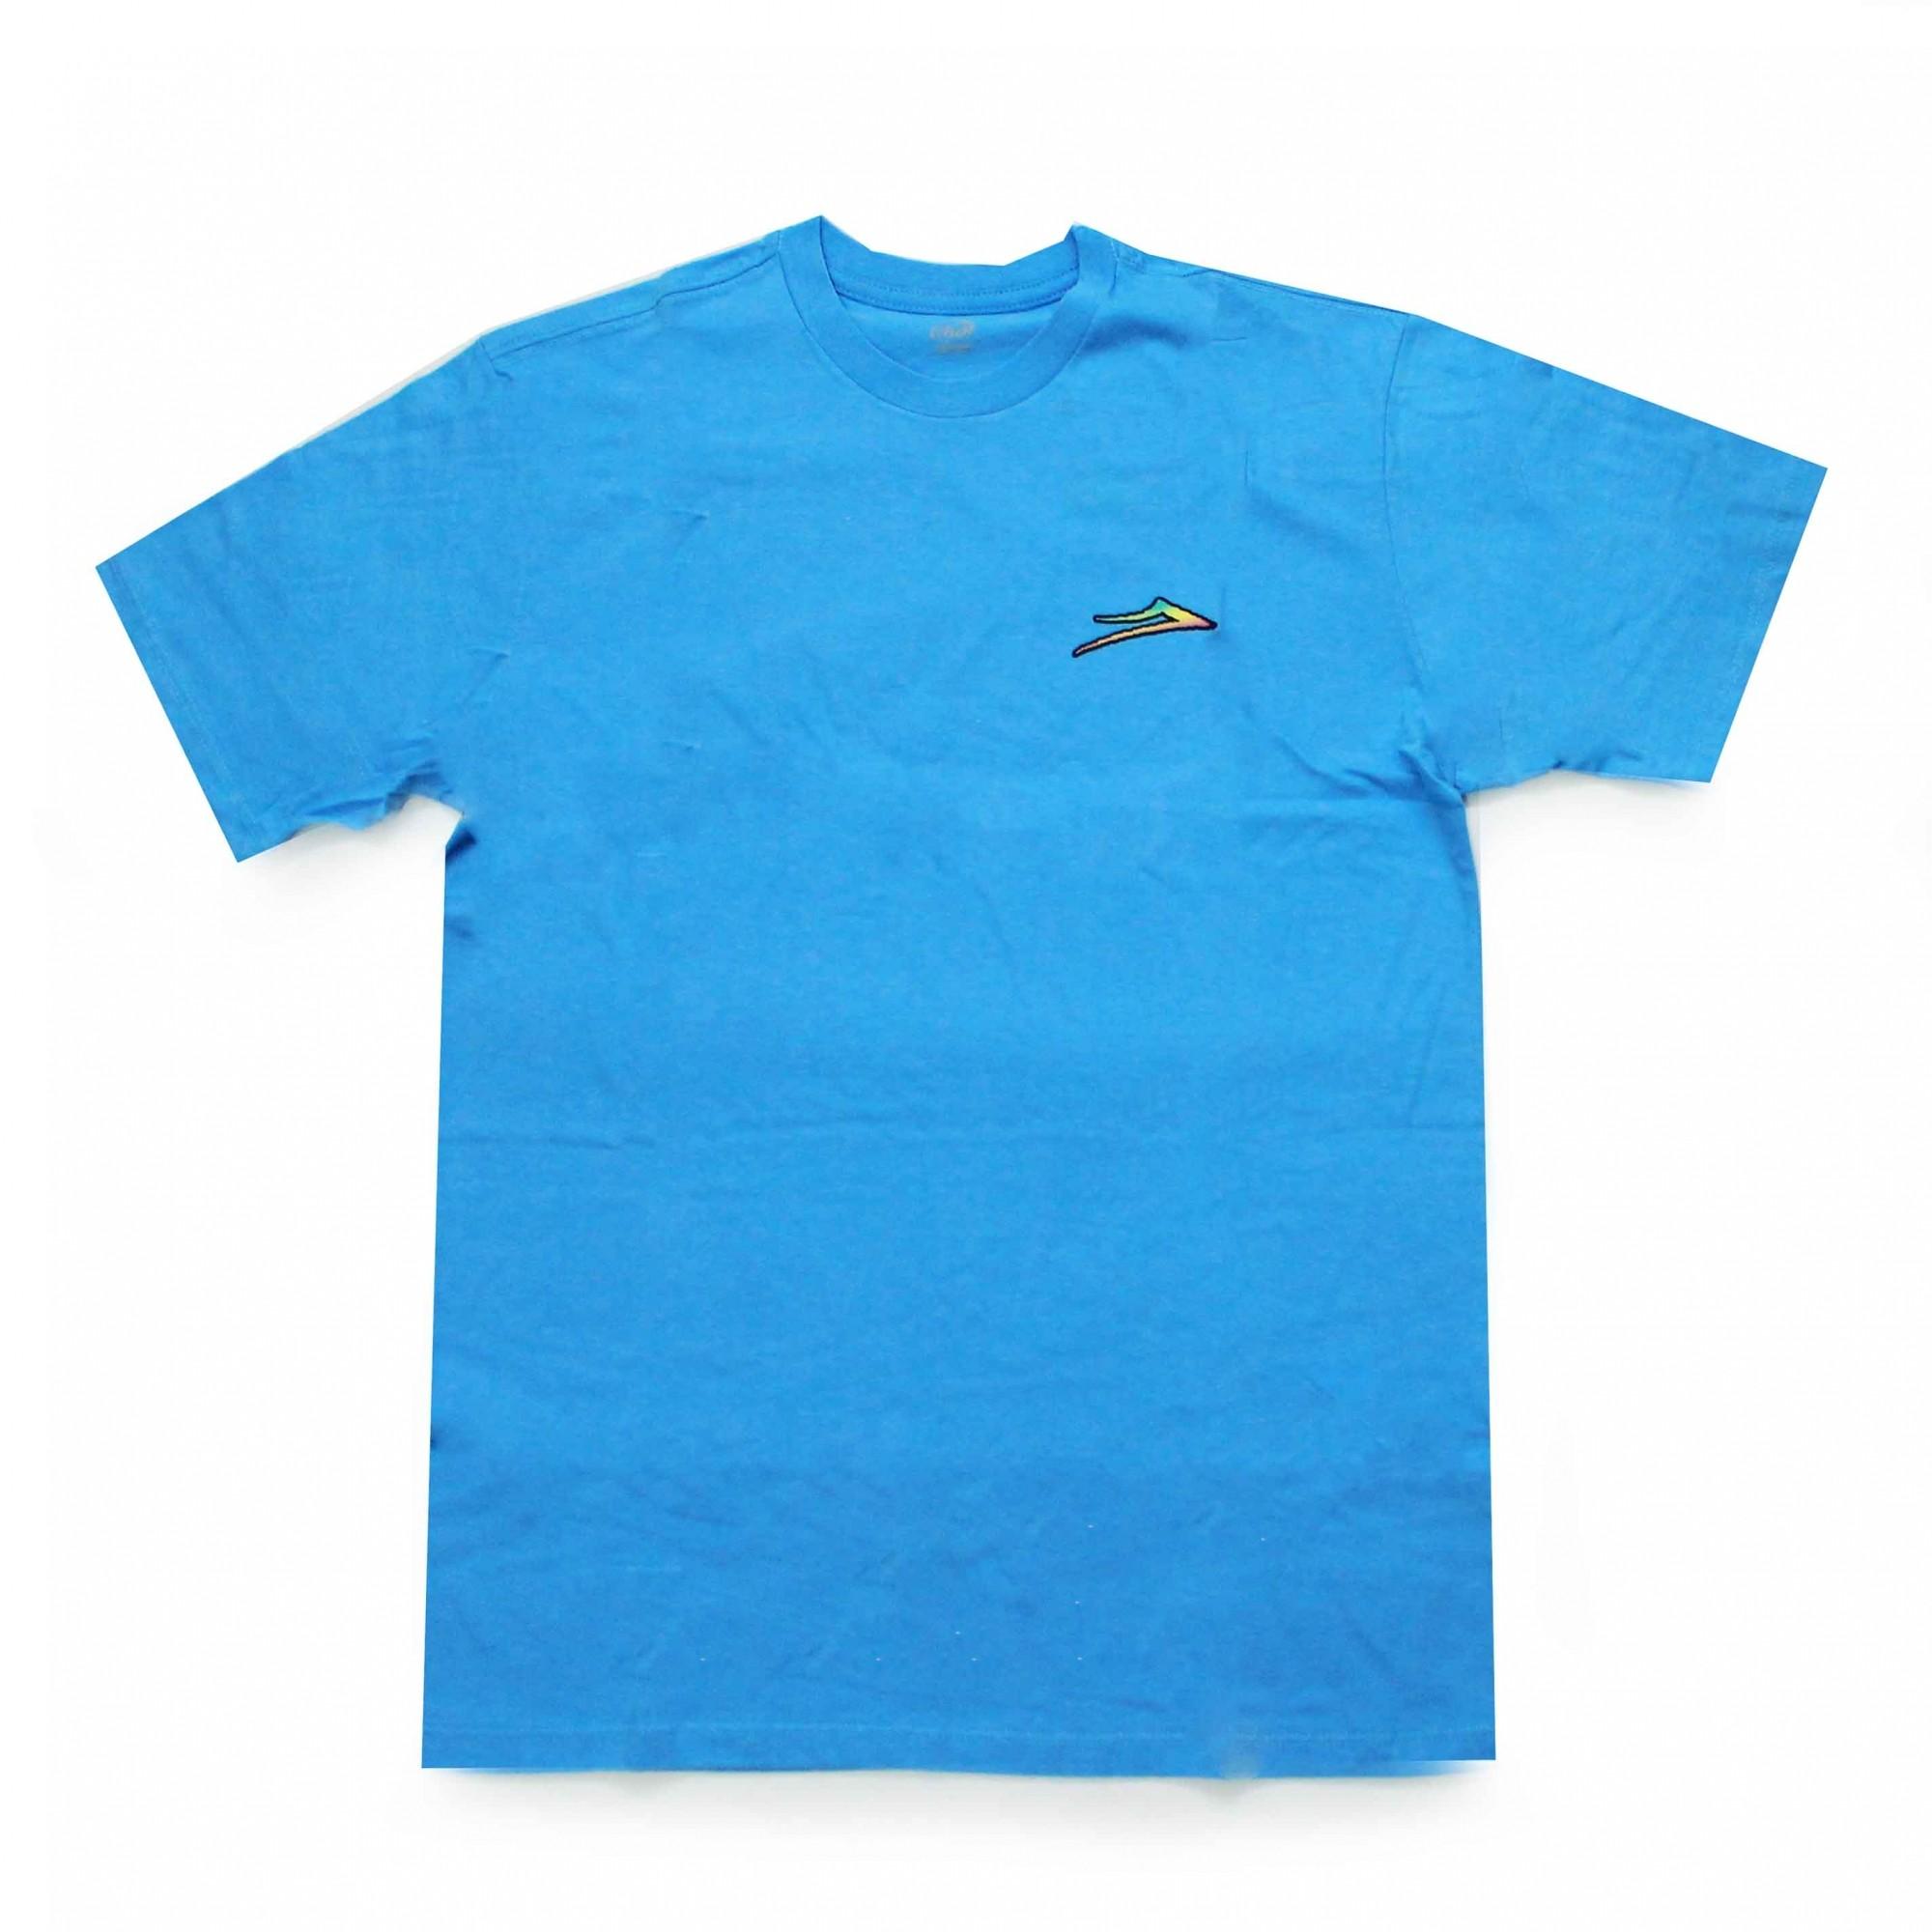 Camiseta Lakai Fade - Azul